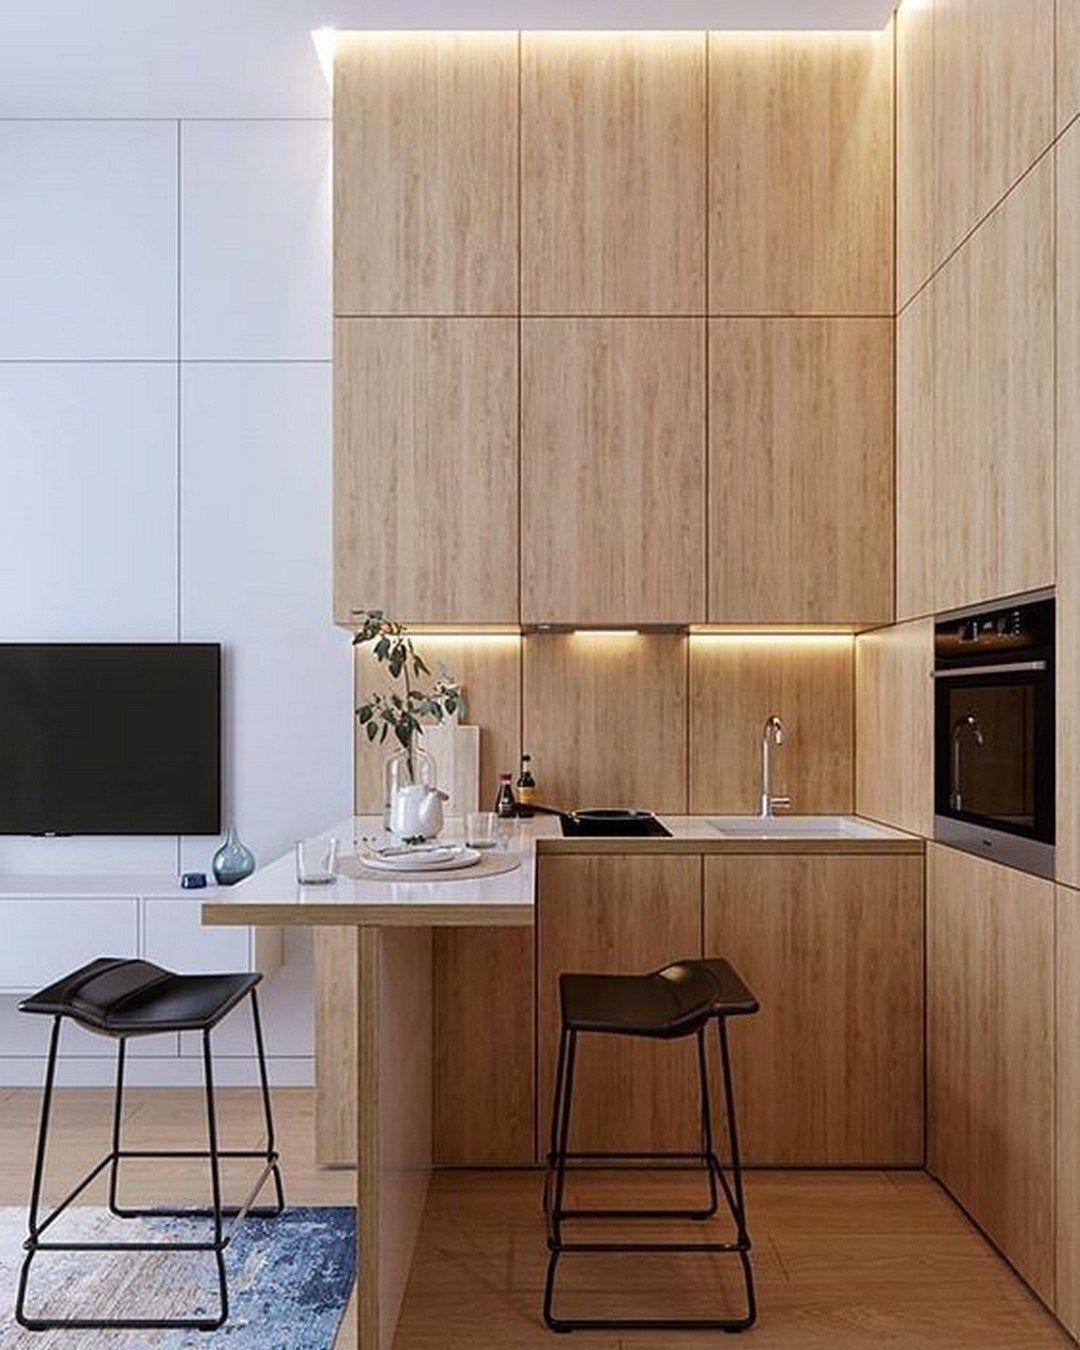 40 Exciting Small Modern Kitchen Design Ideas 22 Small Modern Kitchens Kitchen Interior Interior Design Kitchen